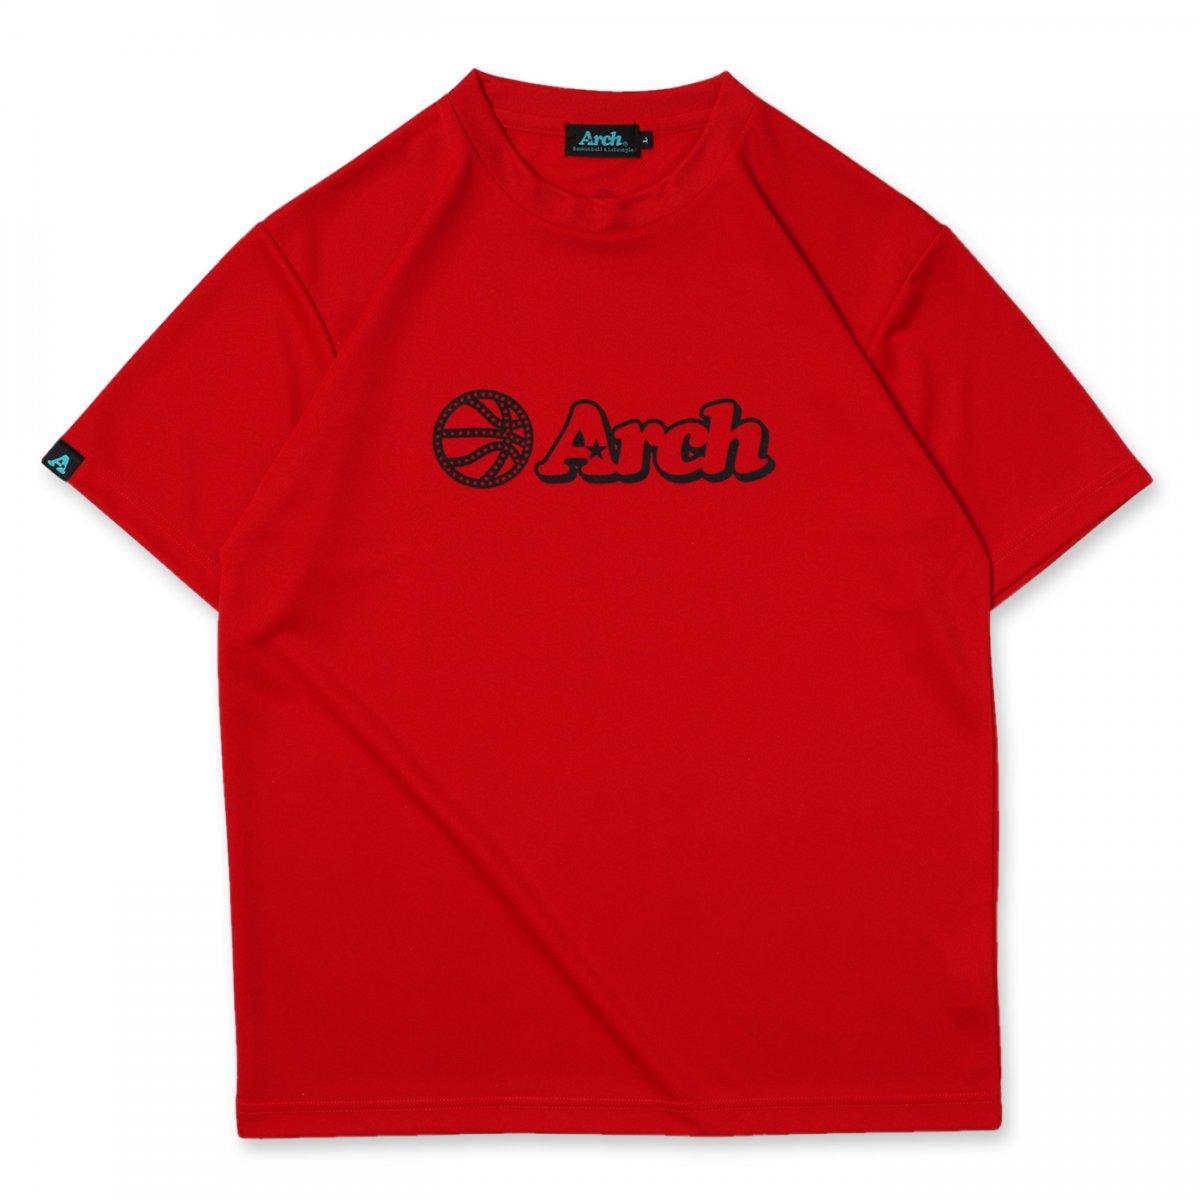 バスケ アーチ ボール ロゴ Tシャツ リッチレッド ブラック